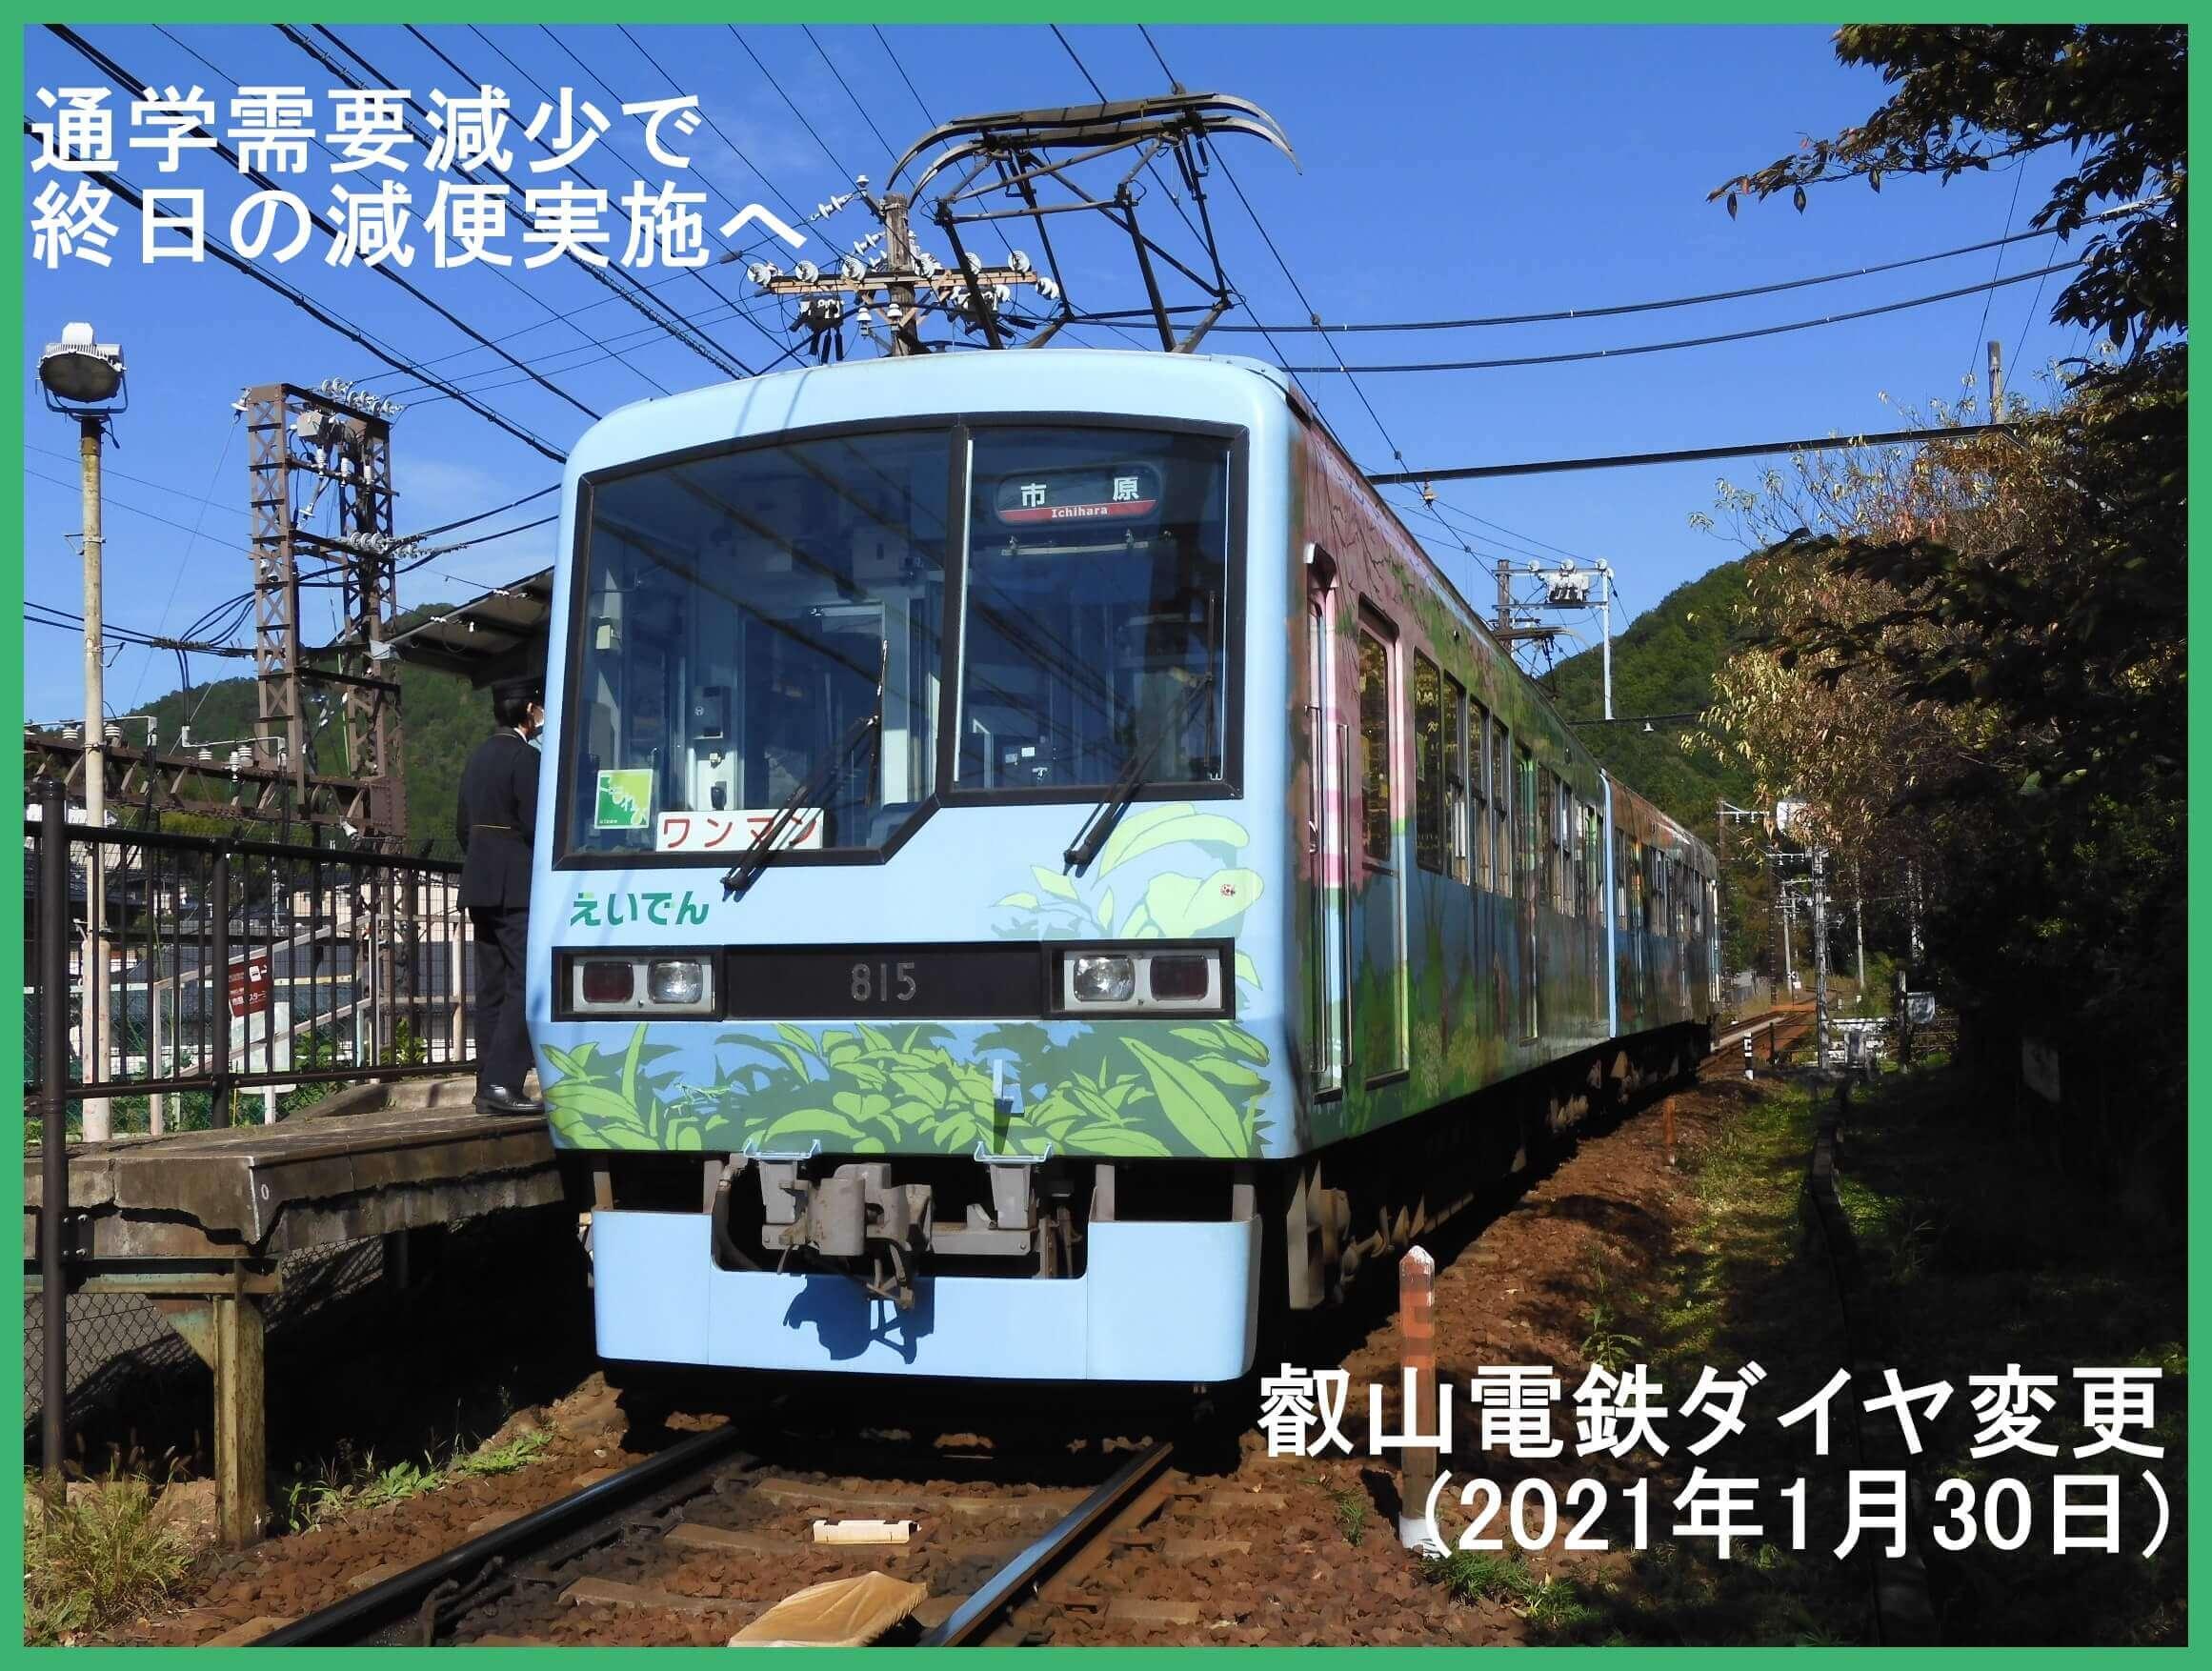 通学需要減少で終日の減便実施へ 叡山電鉄ダイヤ変更(2021年1月30日)